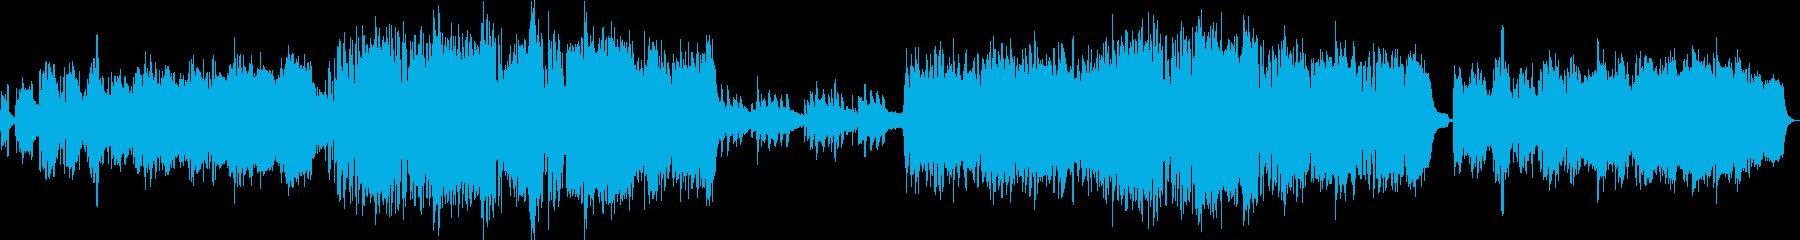 南国のさわやか系楽曲の再生済みの波形